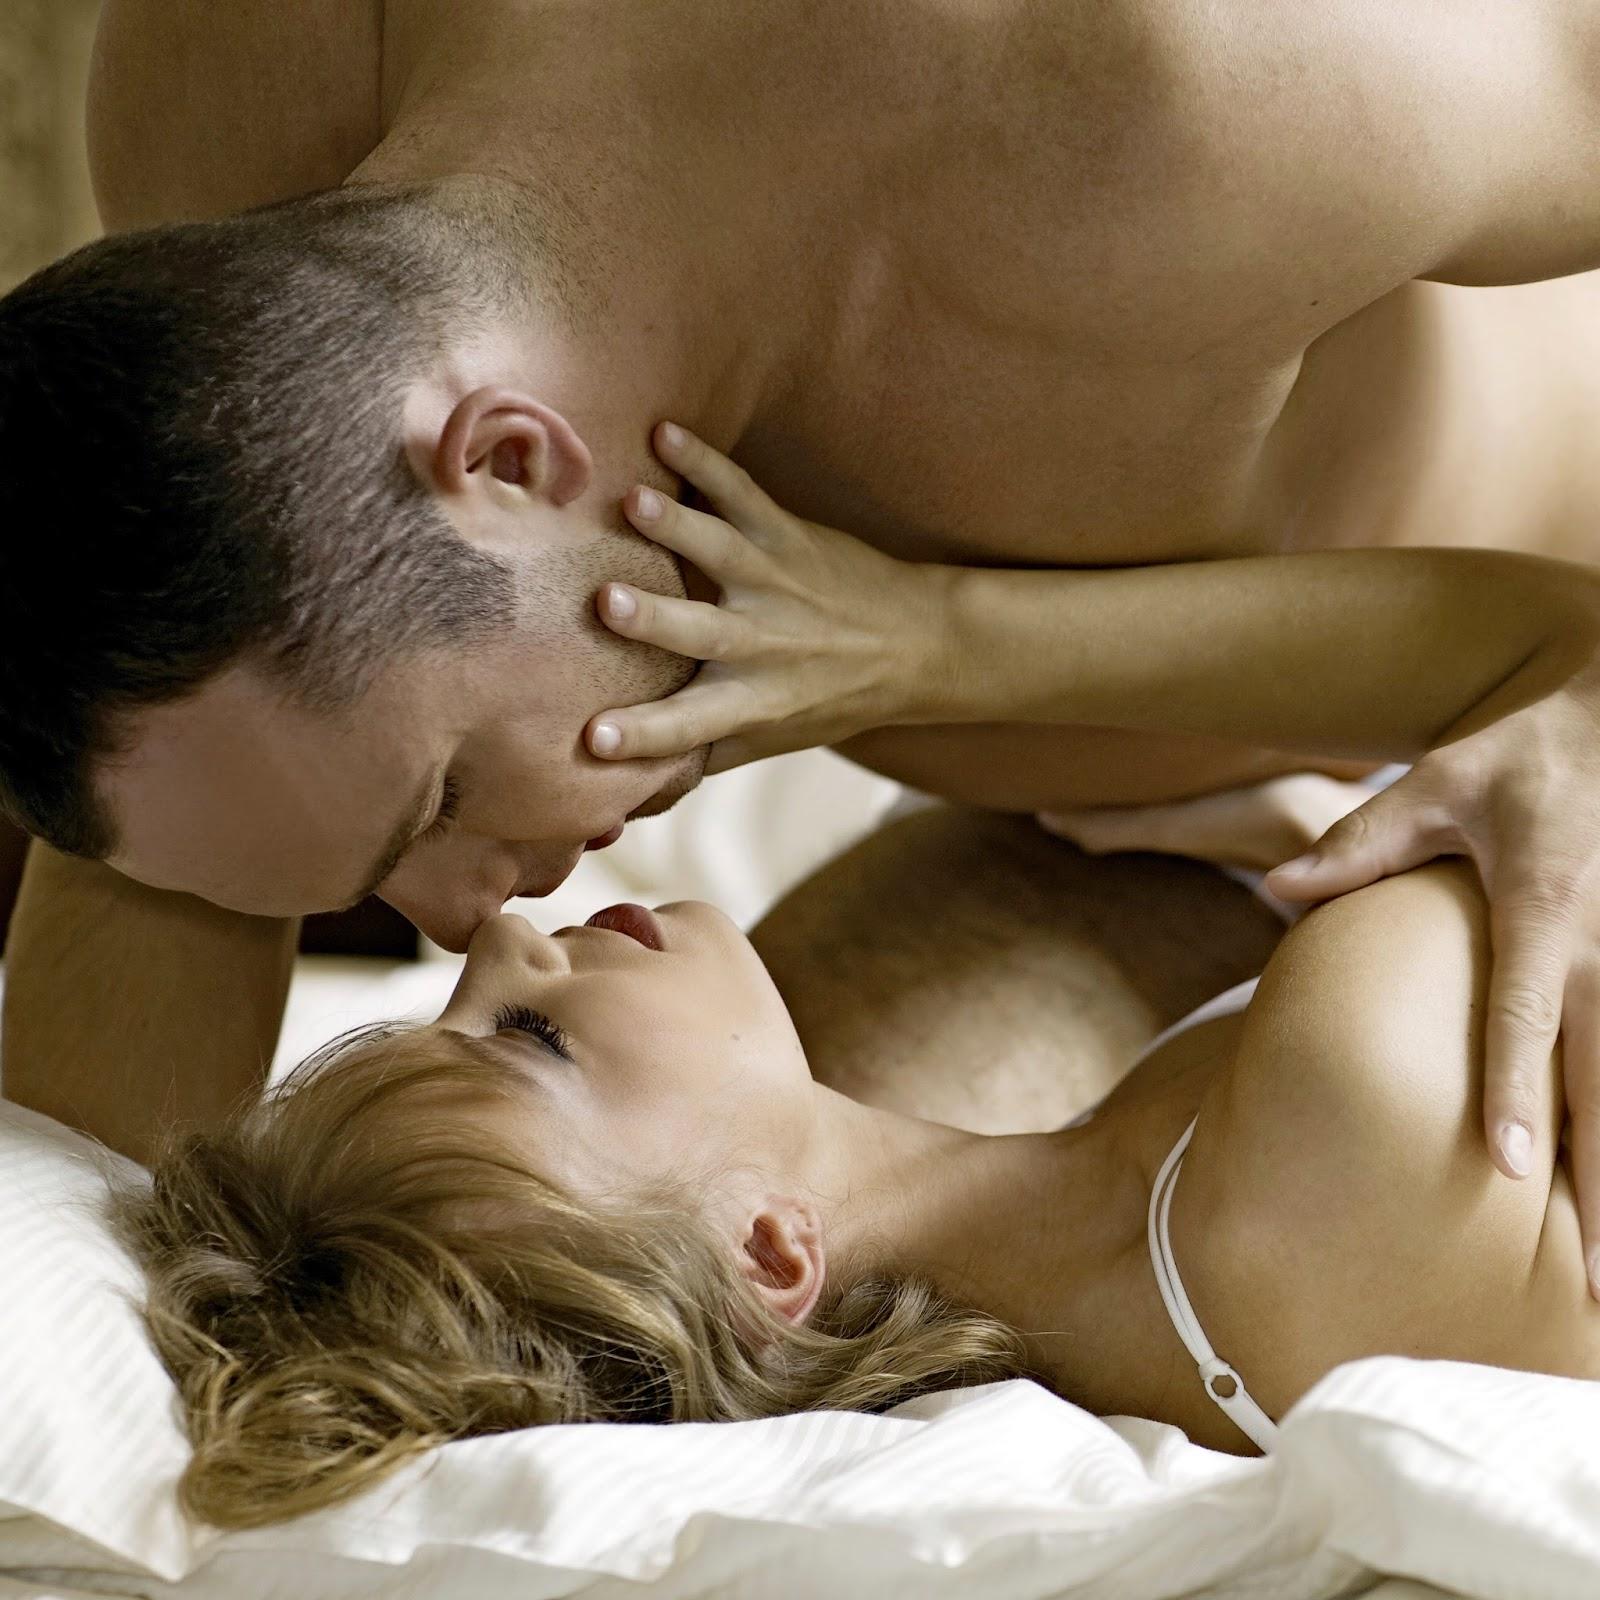 софи реальные фото позы секса что есть